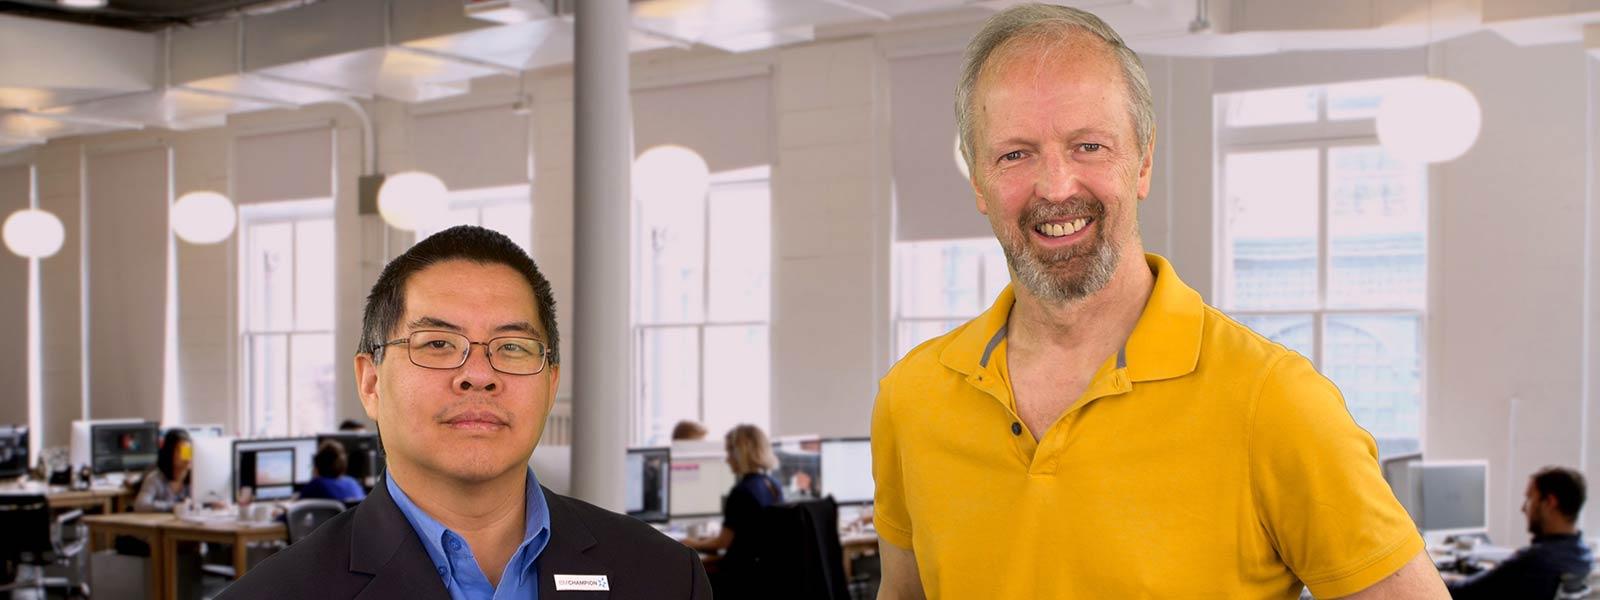 Chris S. Penn and Eric Enge